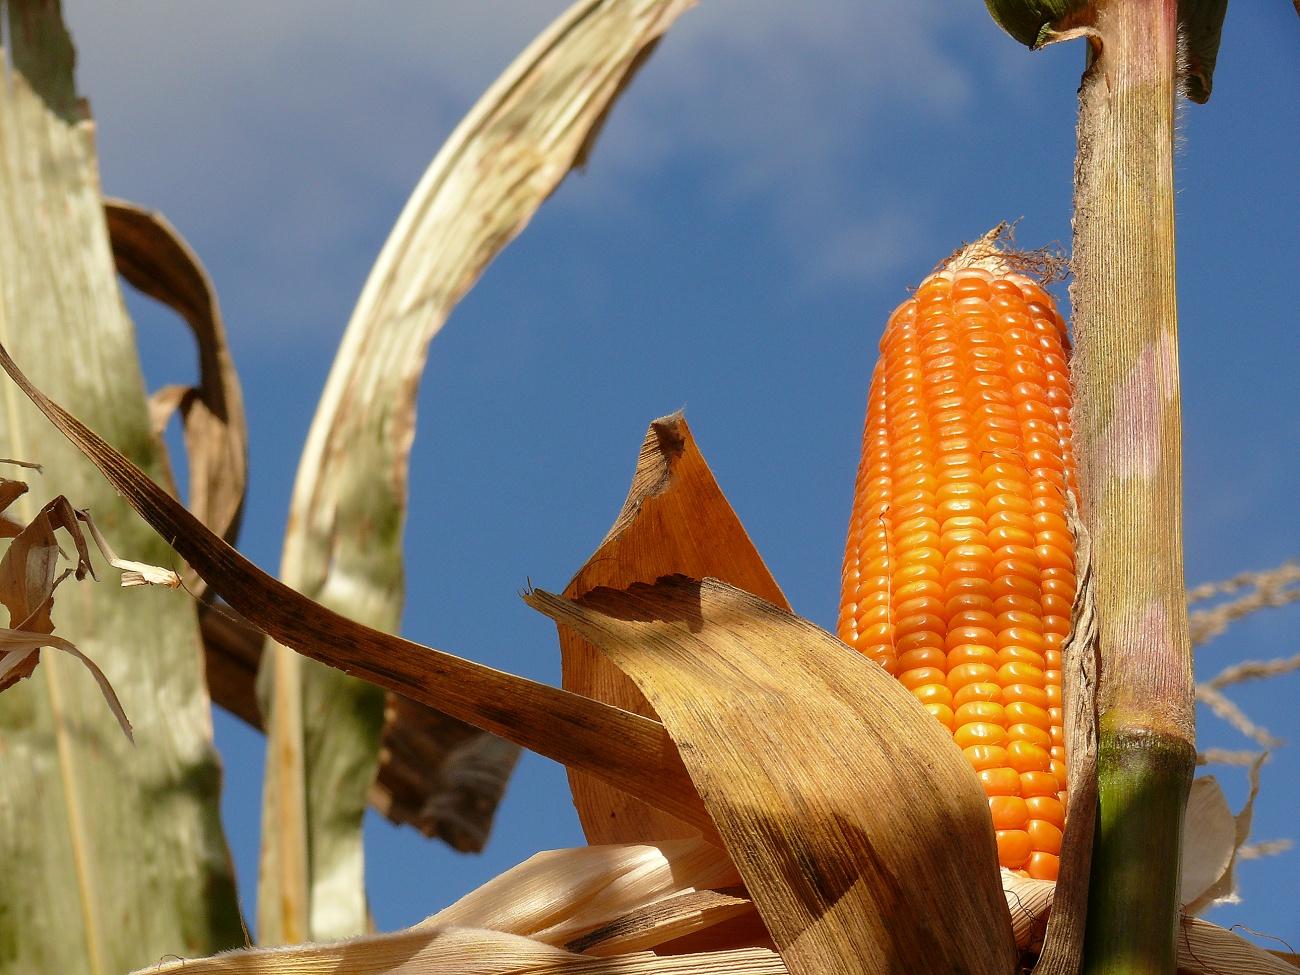 maiz trangenico